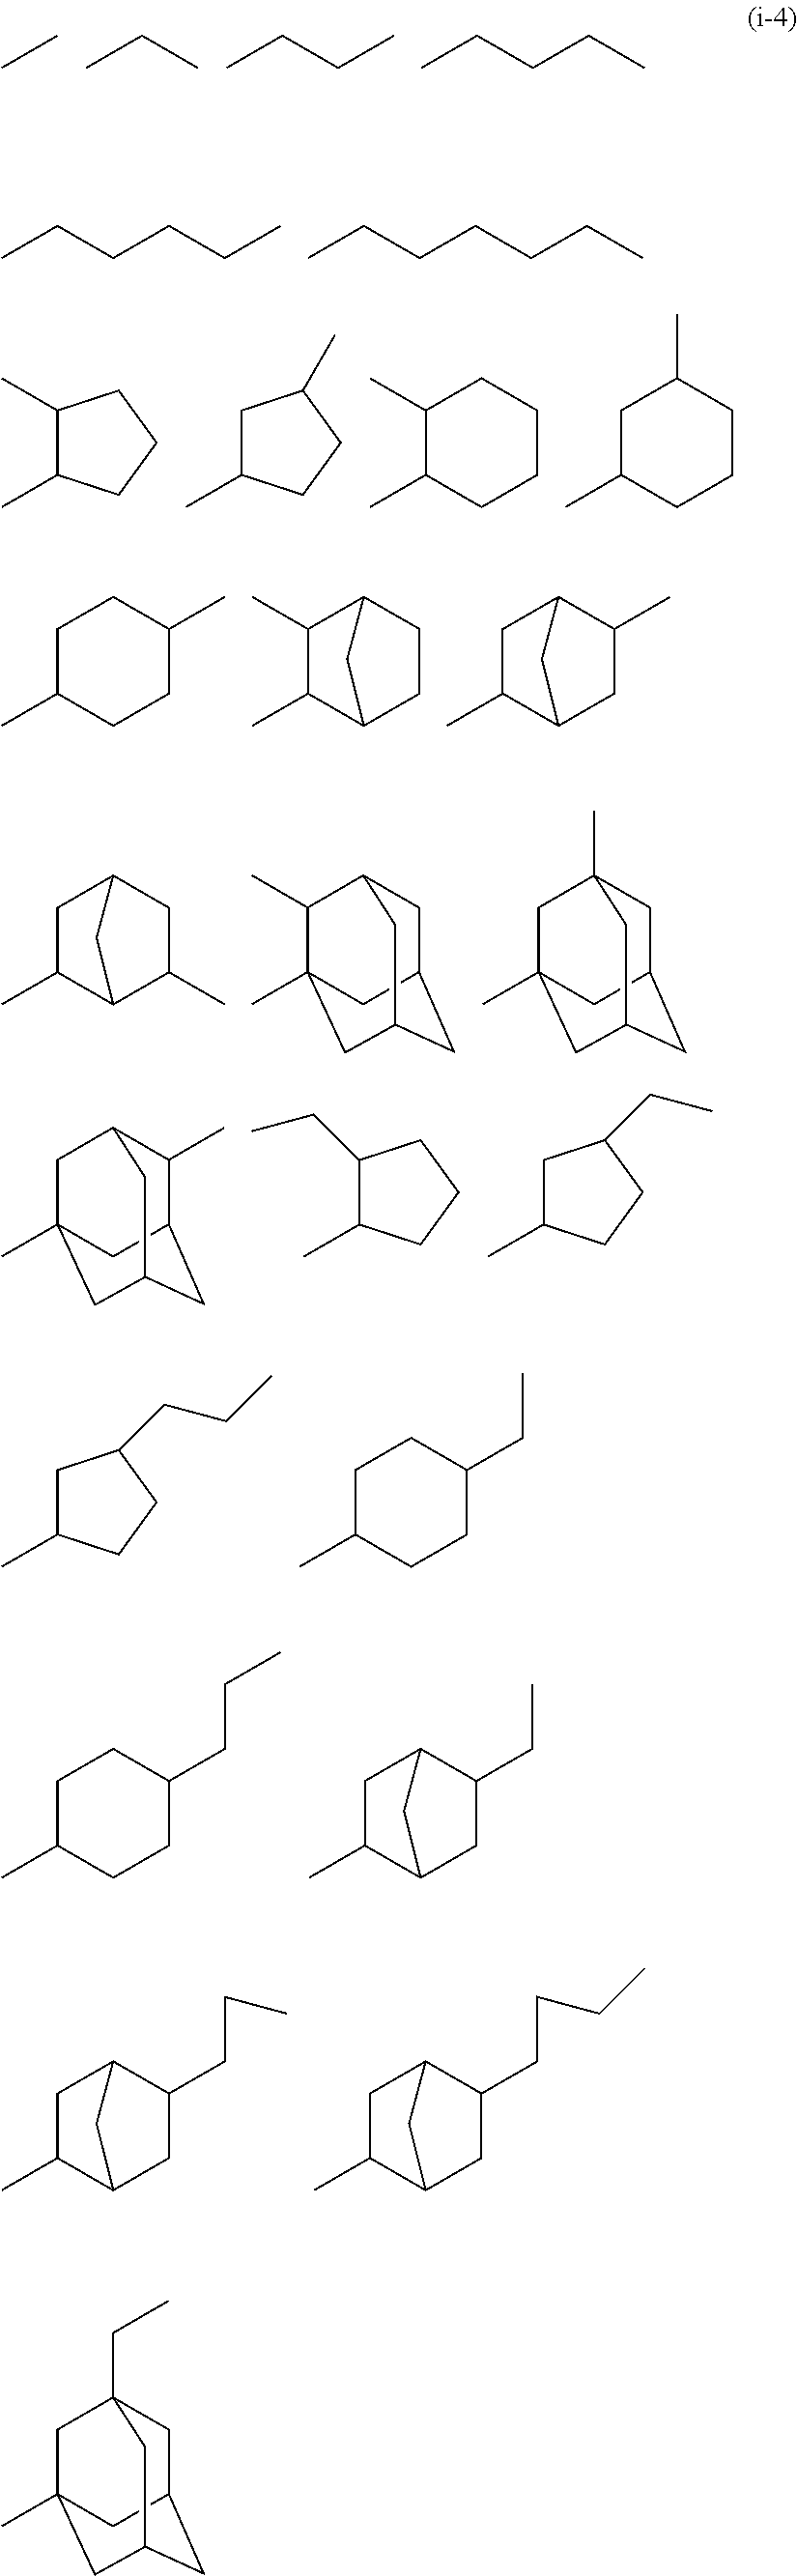 Figure US09488914-20161108-C00042